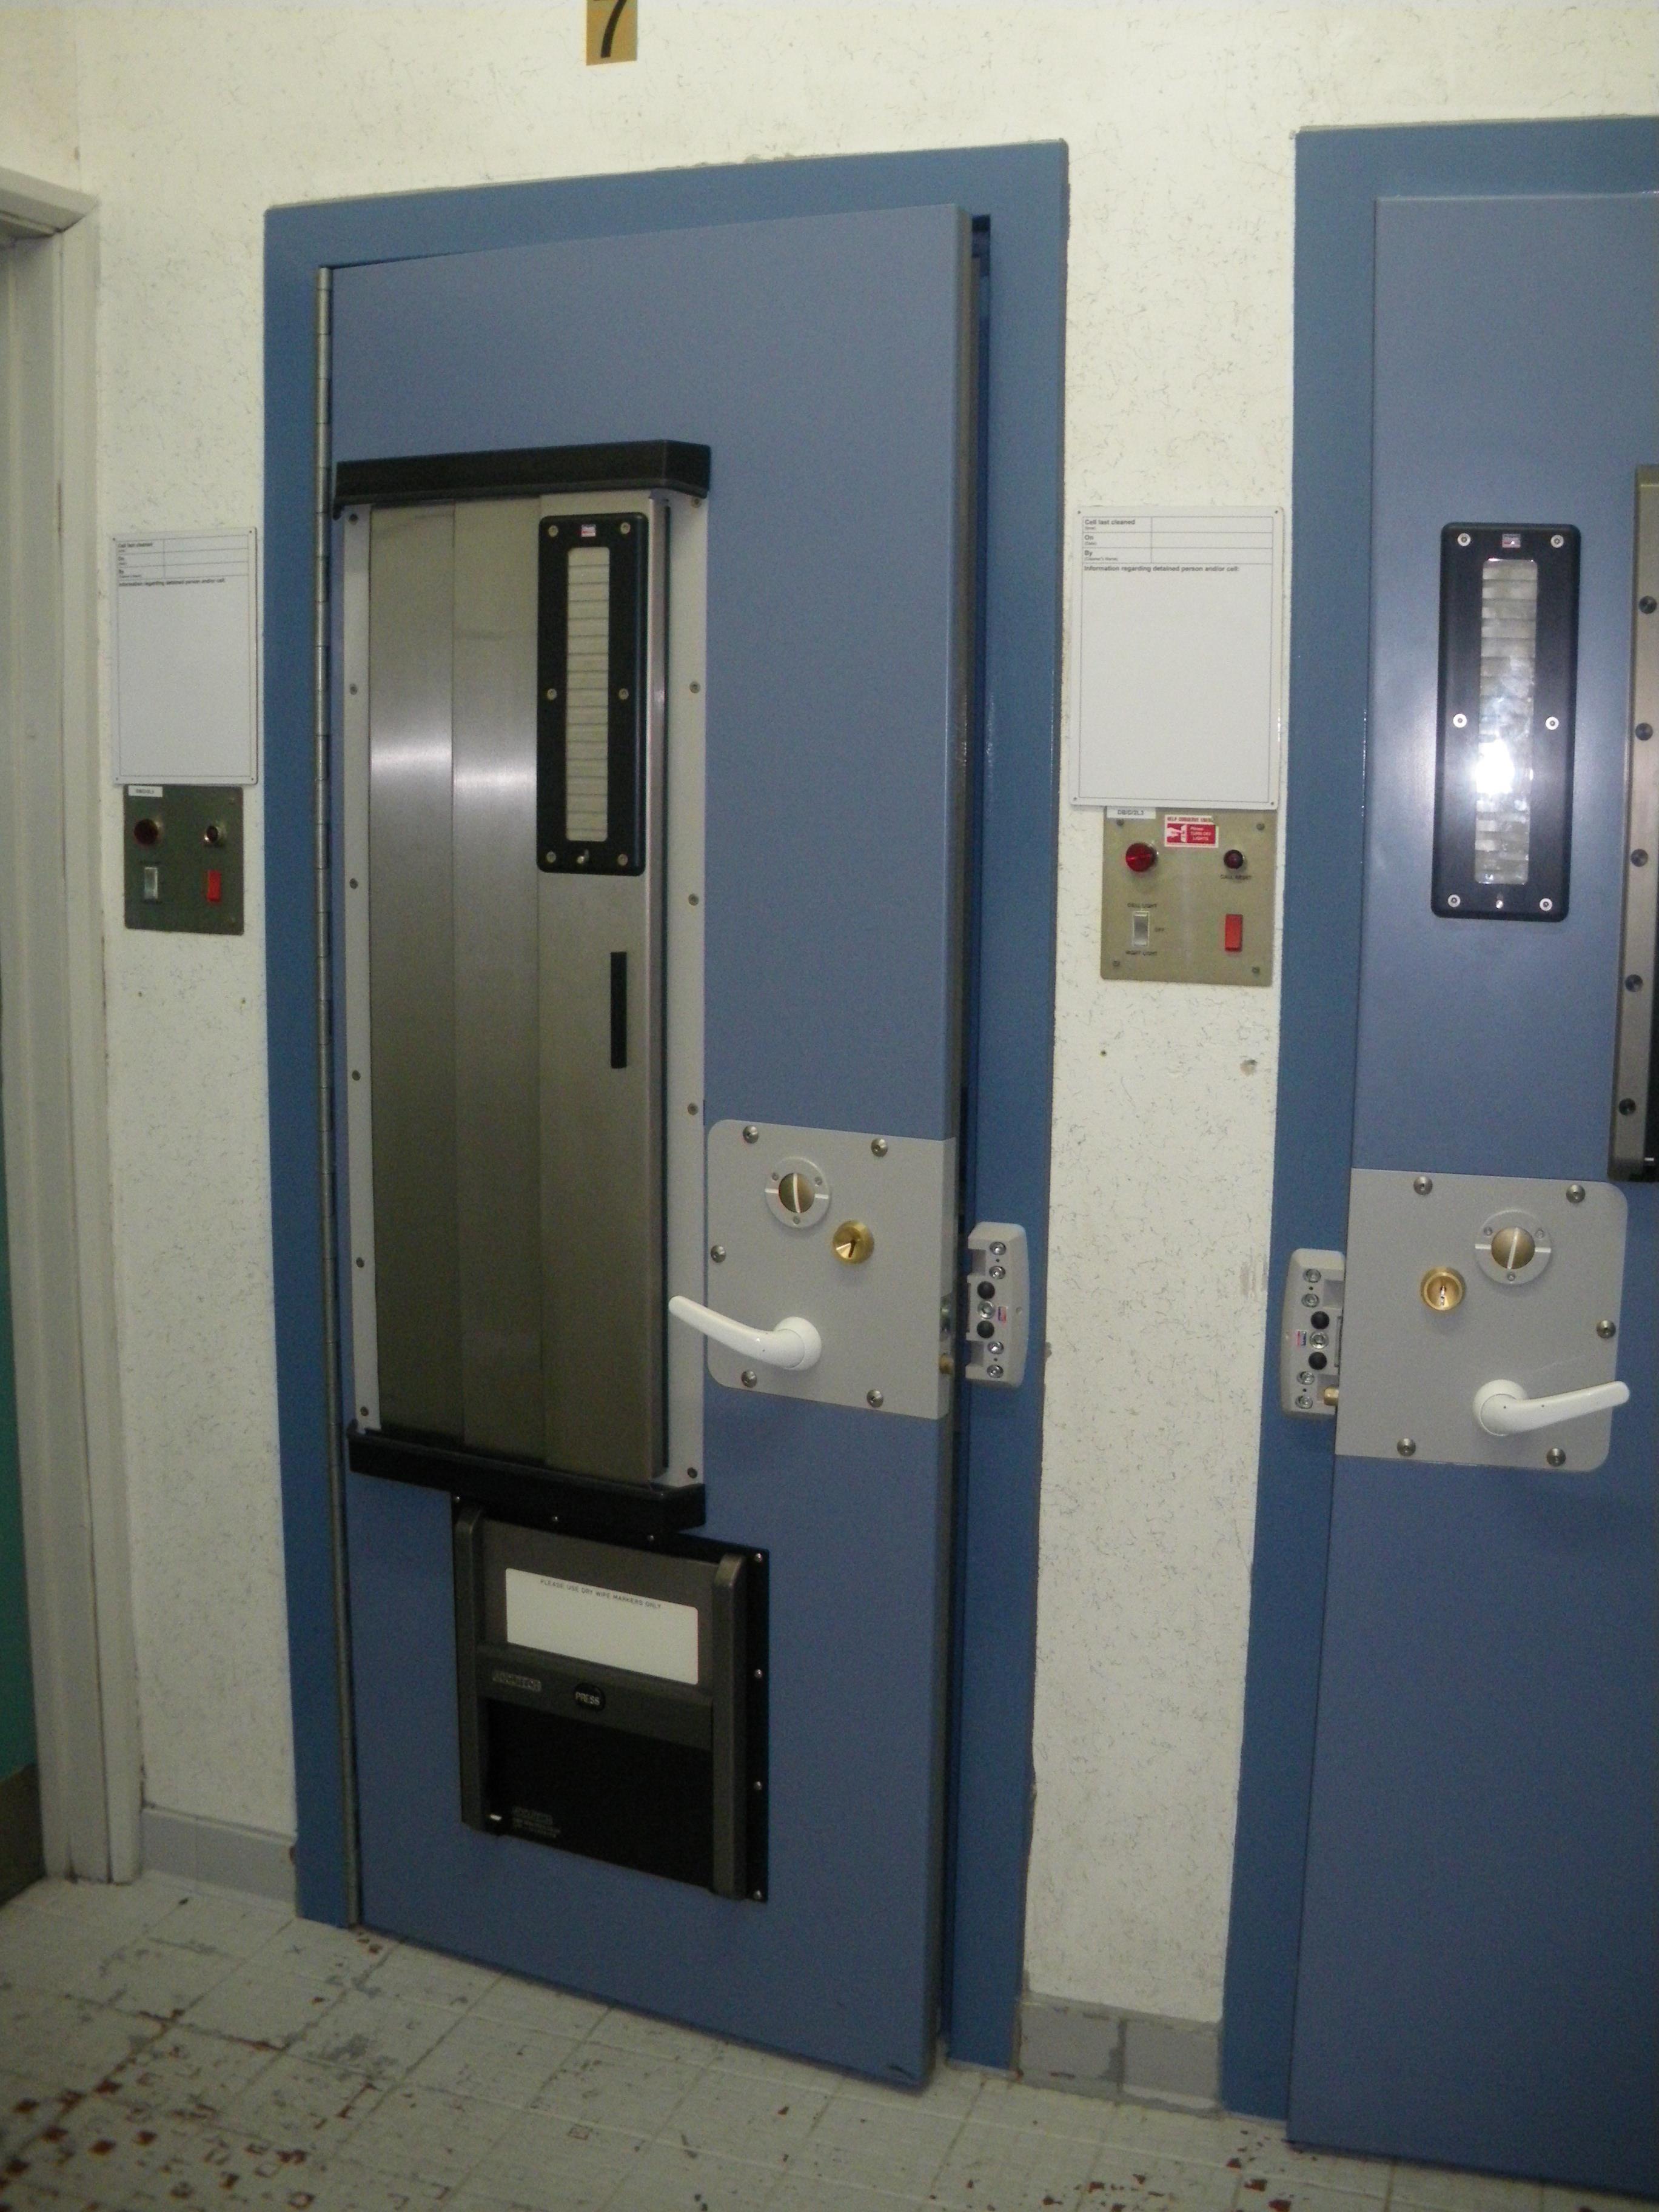 9D002 - Police Vulnerable Detainee Cell Door